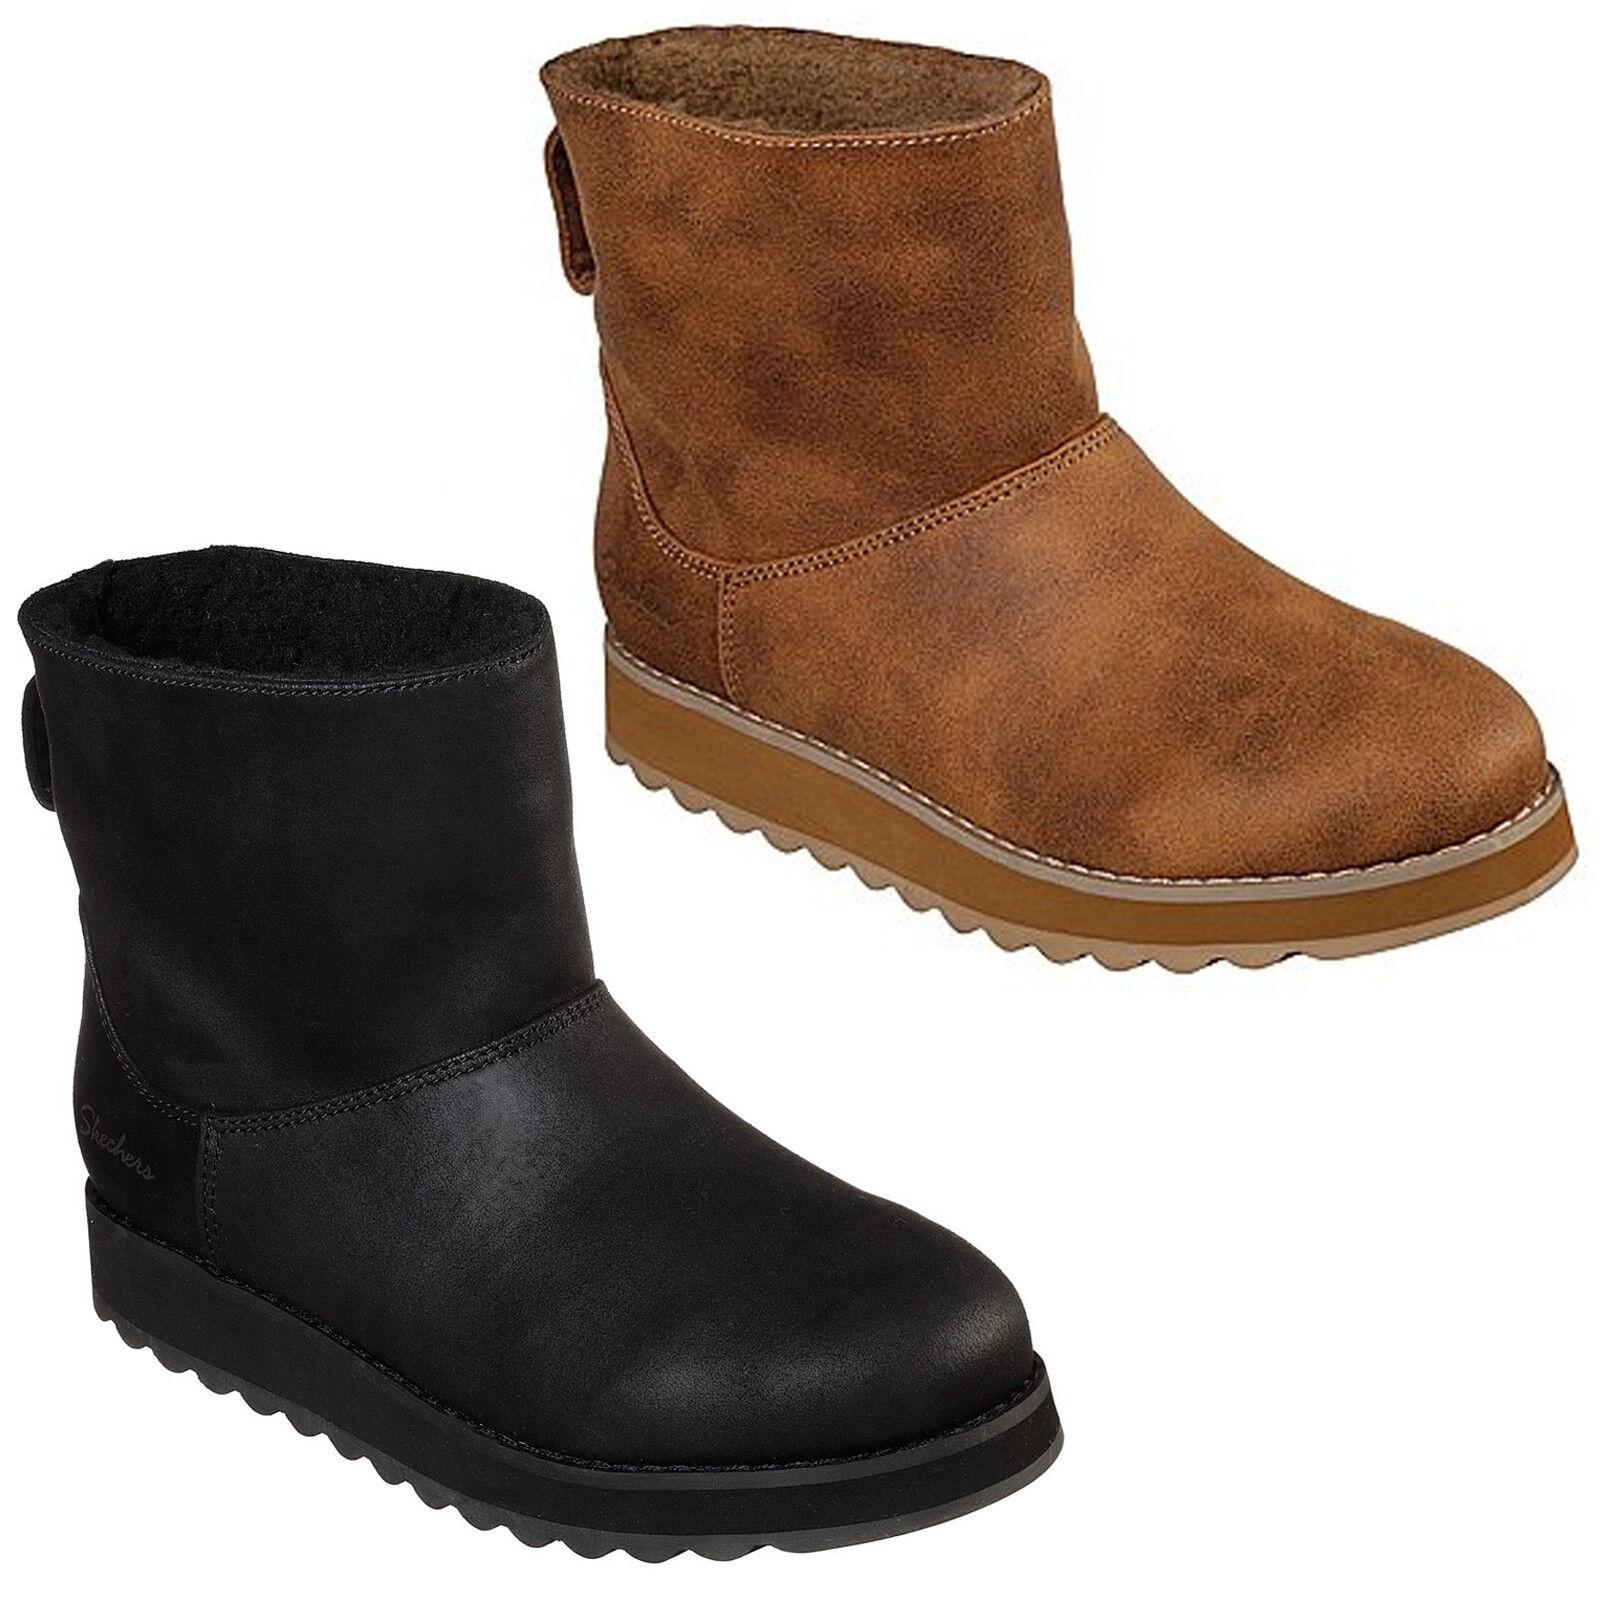 Skechers Keepsakes 2.0 - Cloud Peak Boots Womens Lined Memory Foam Shoes 44939